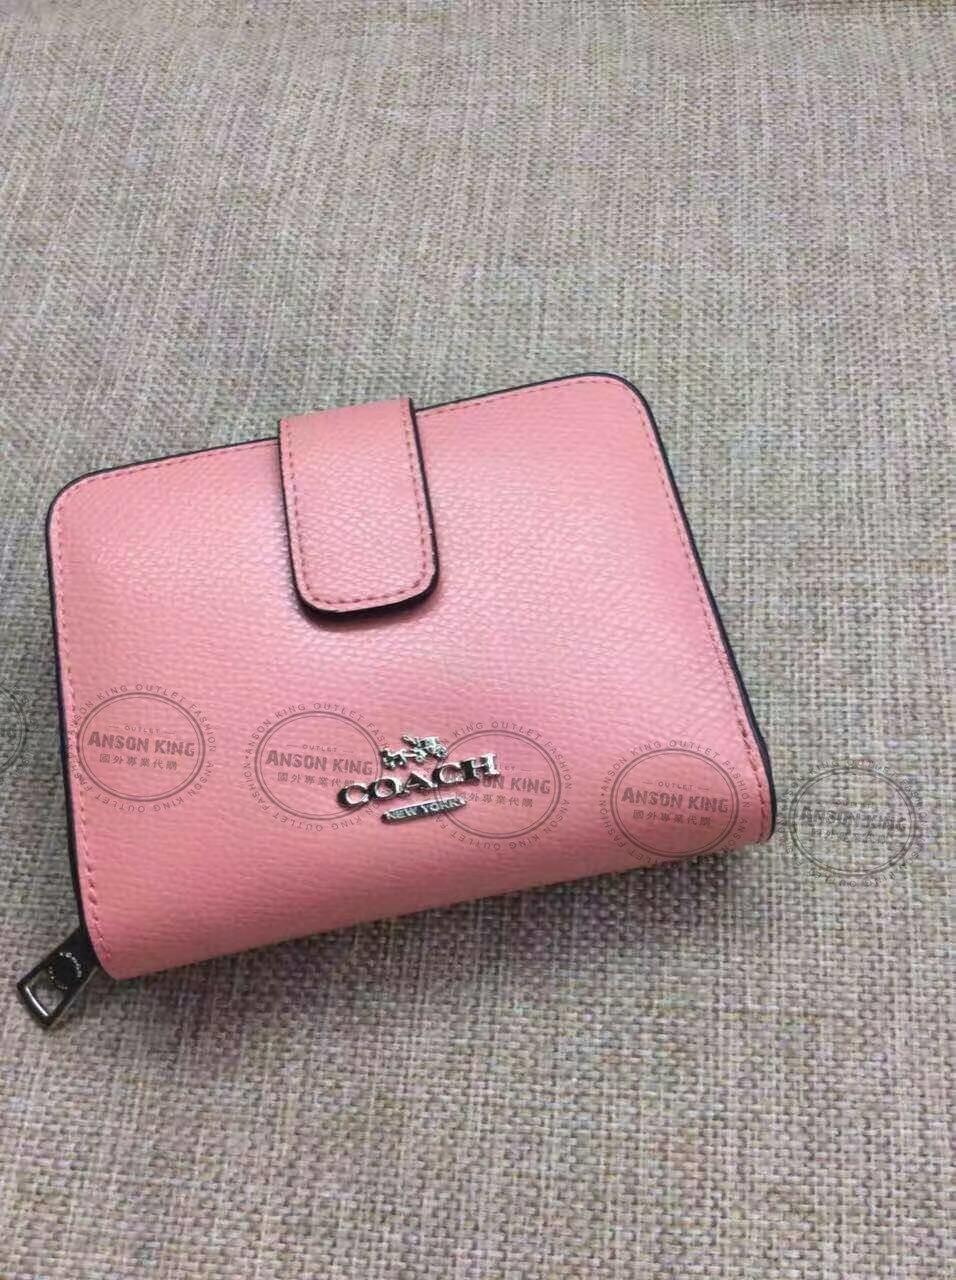 美國Outlet代購 Coach 全新正品 F52692 金屬馬車標零錢包 釦式 粉色 零錢包 手拿包 皮包 多色可選